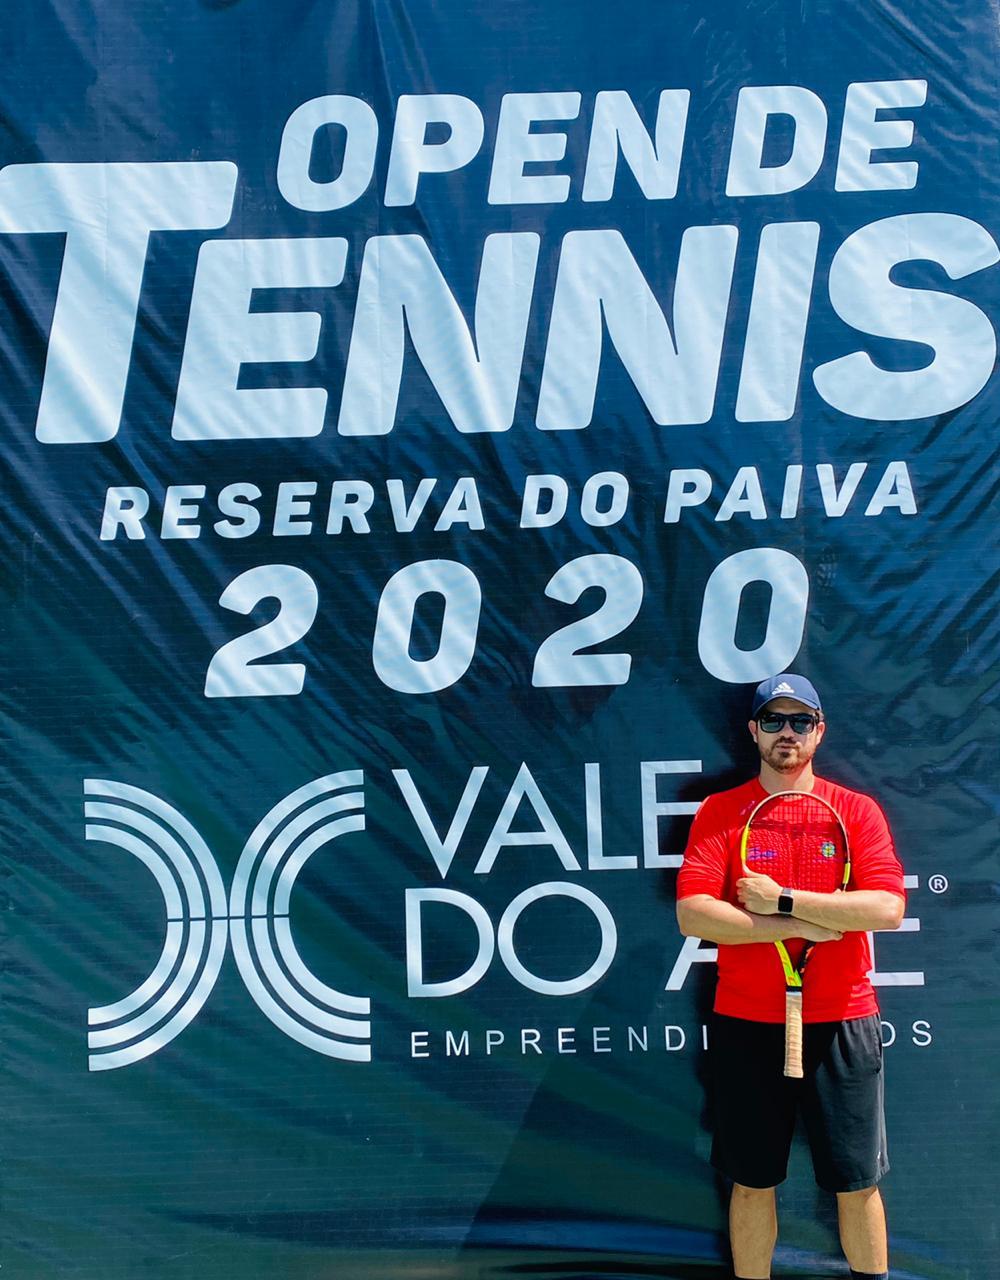 Open de Tennis Reserva do Paiva 2020 da Vale do Ave